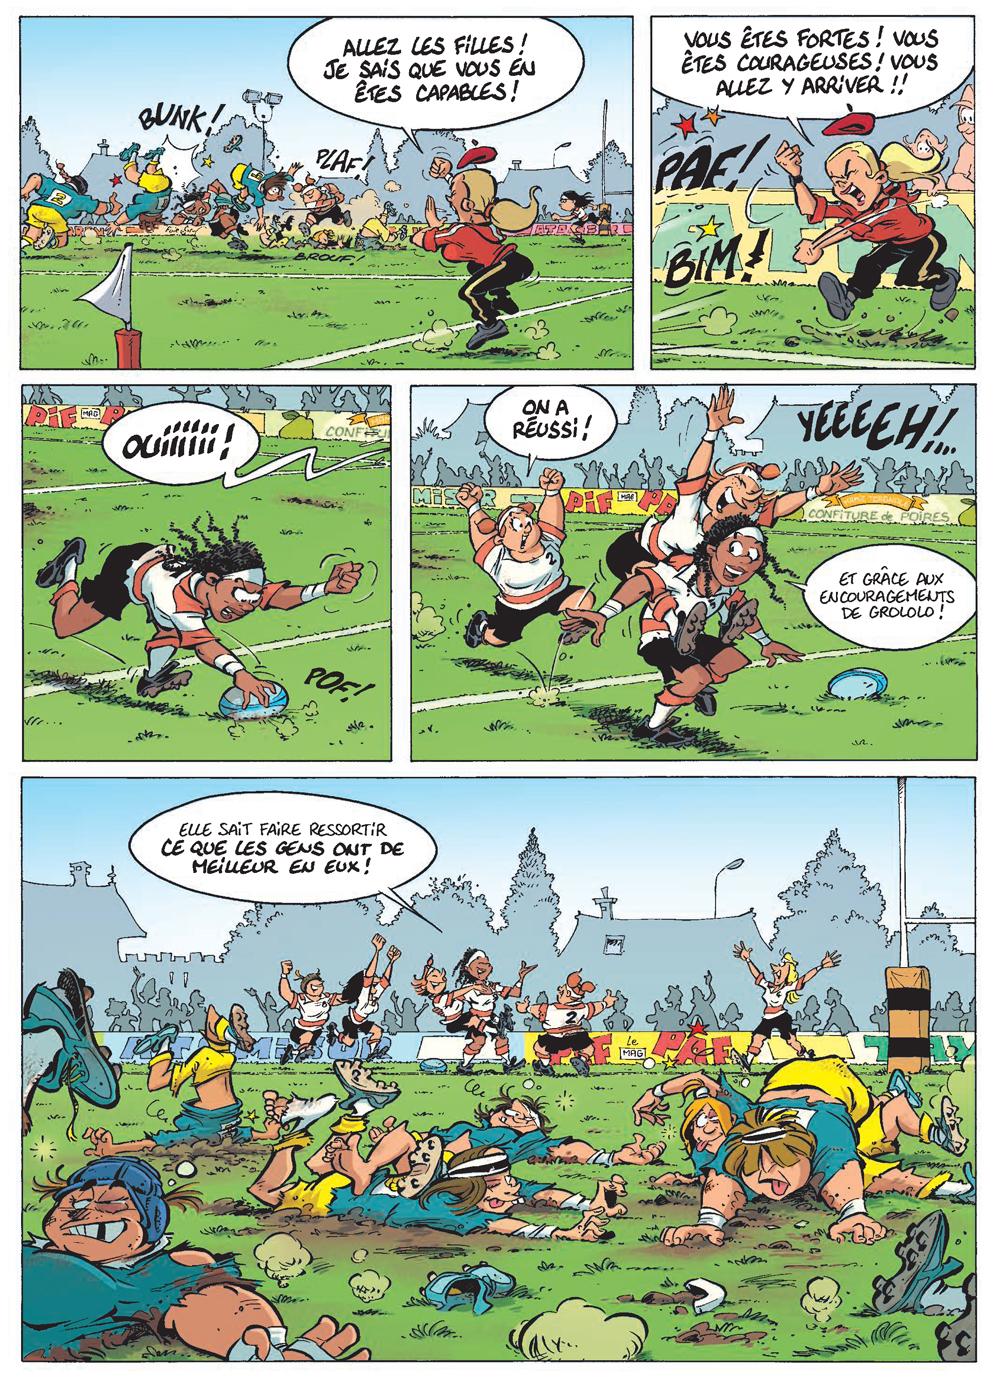 les rugbymen #18 planche 3